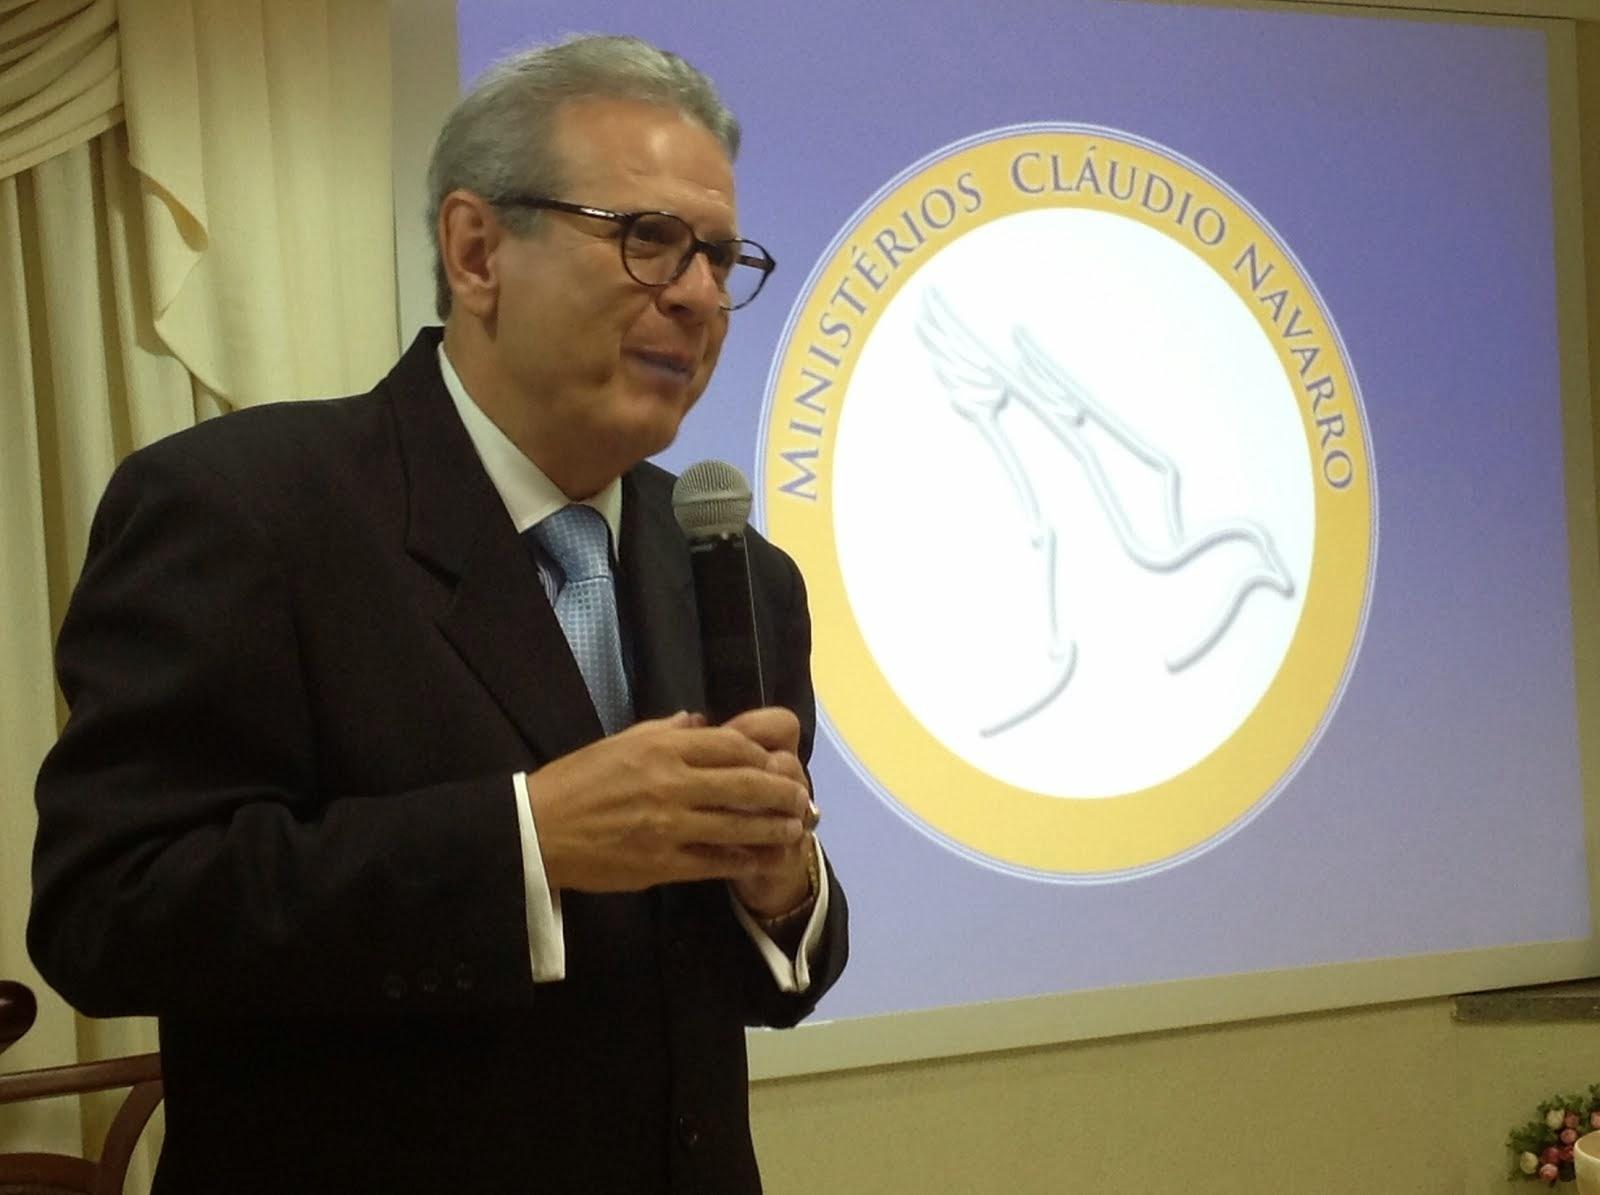 PASTOR CLÁUDIO NAVARRO